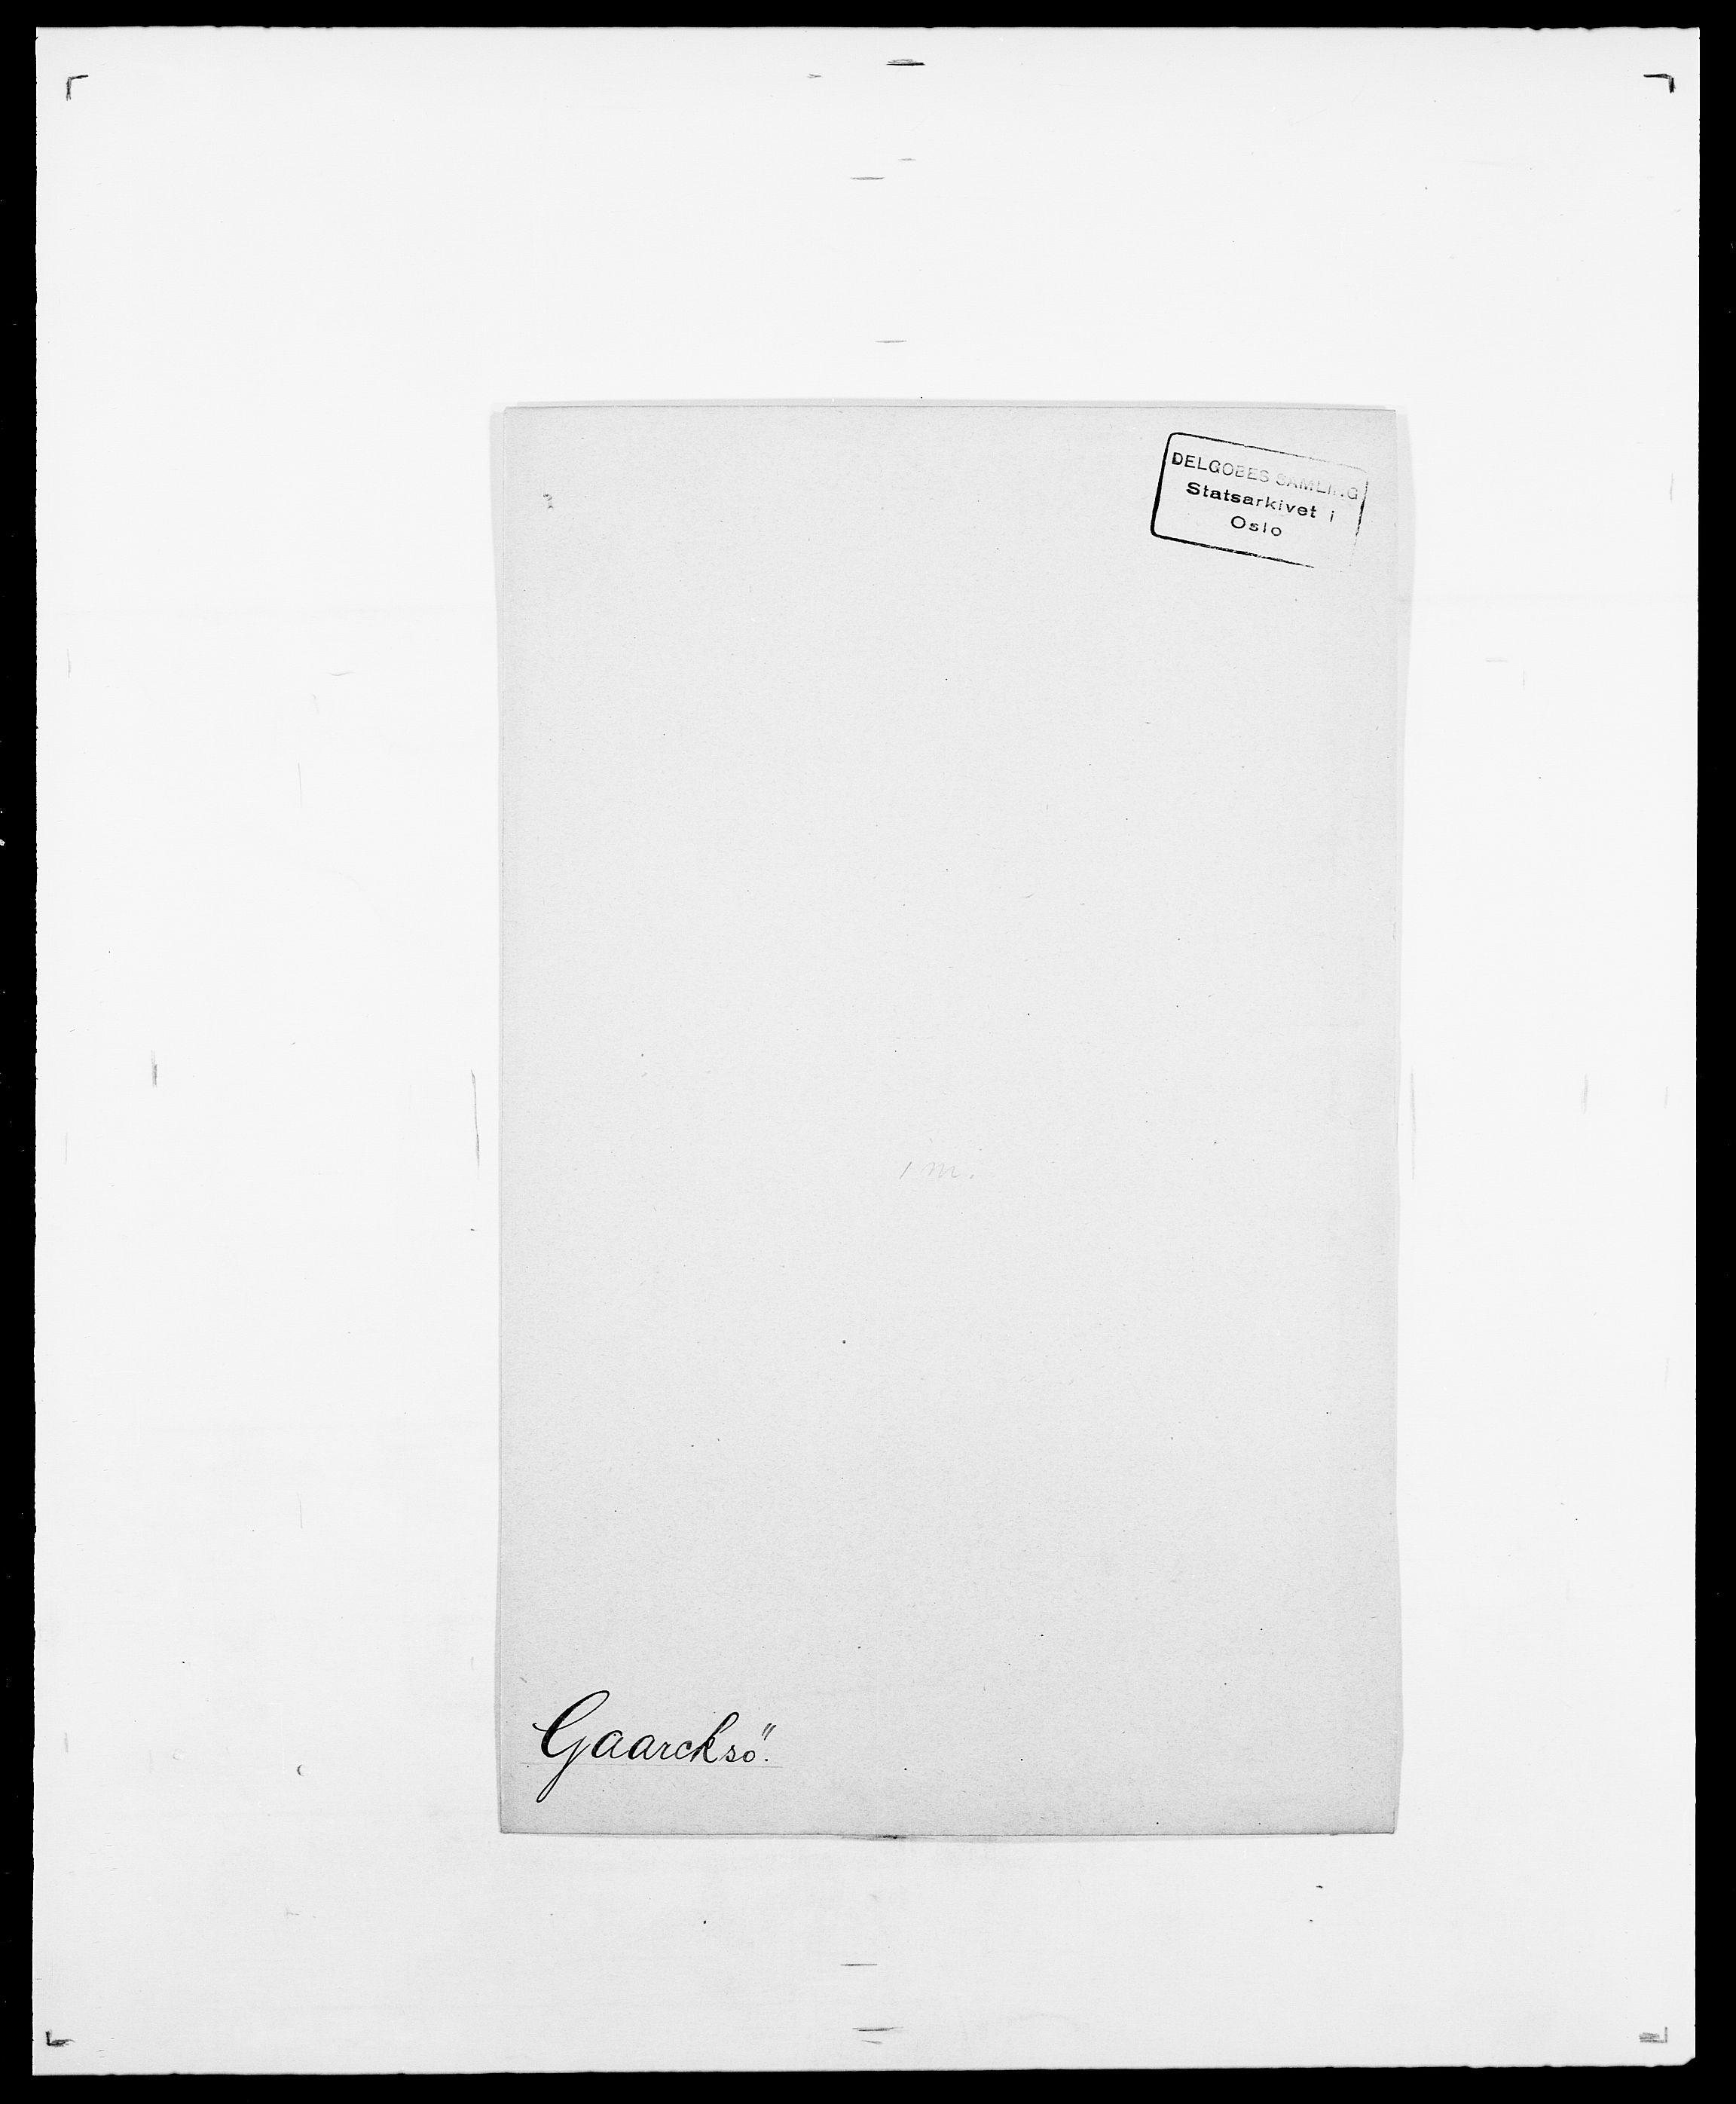 SAO, Delgobe, Charles Antoine - samling, D/Da/L0013: Forbos - Geving, s. 340